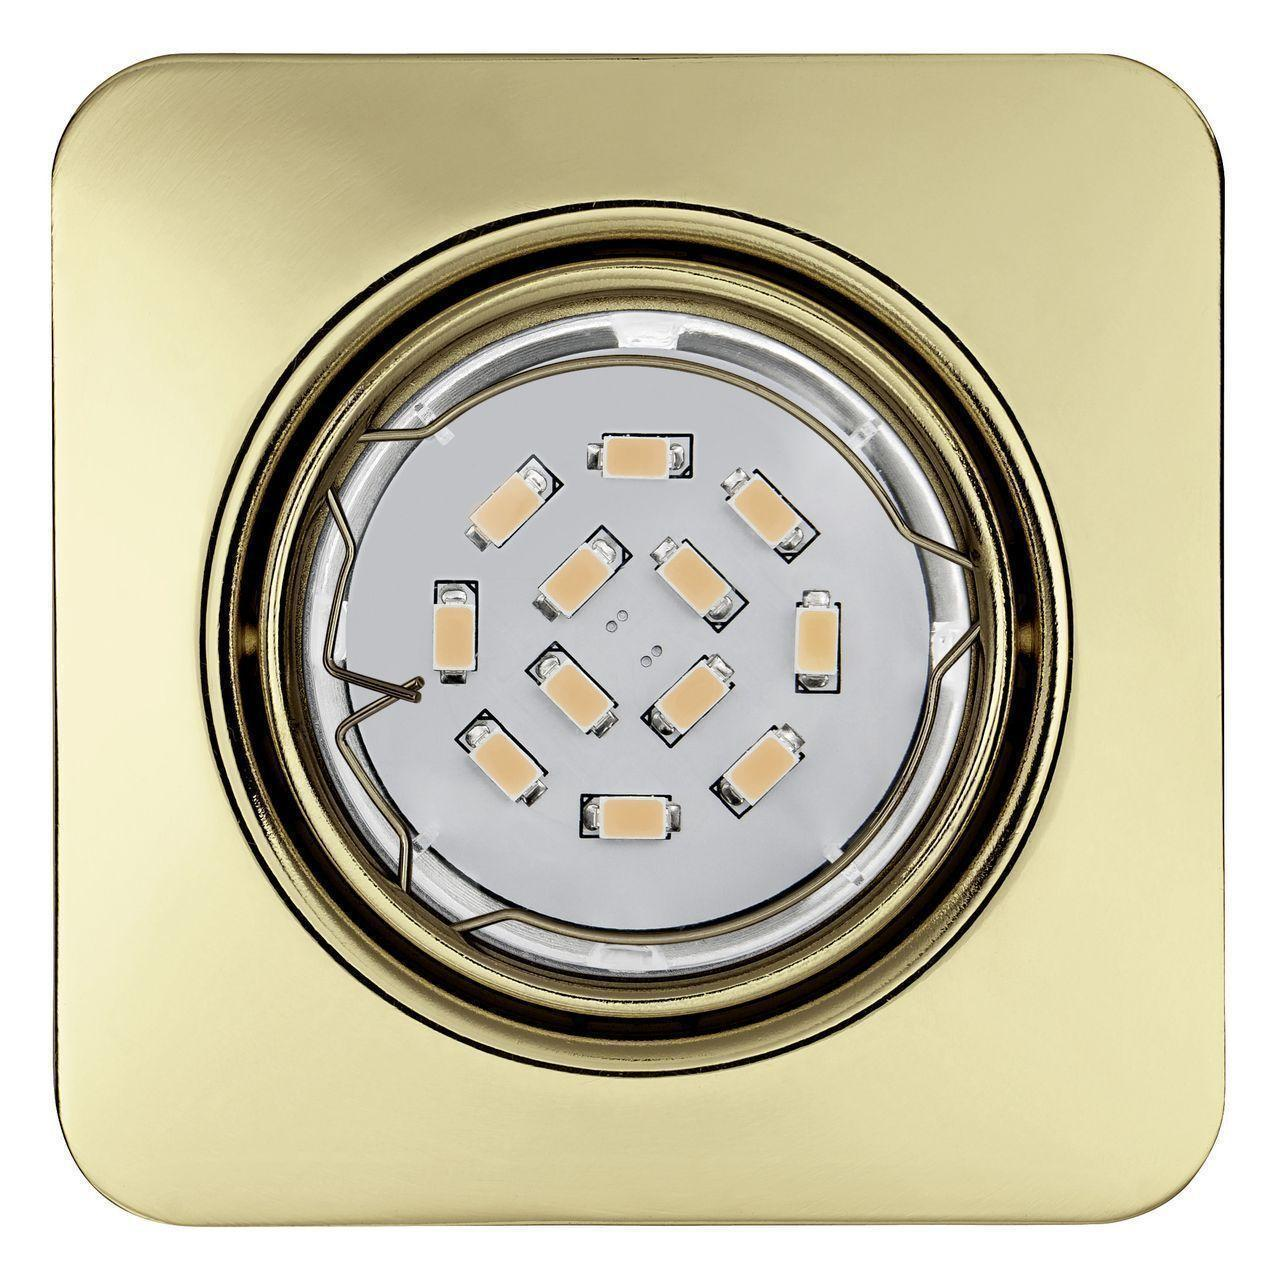 Встраиваемый светильник Eglo Peneto 94402 eglo встраиваемый светильник eglo peneto 94239